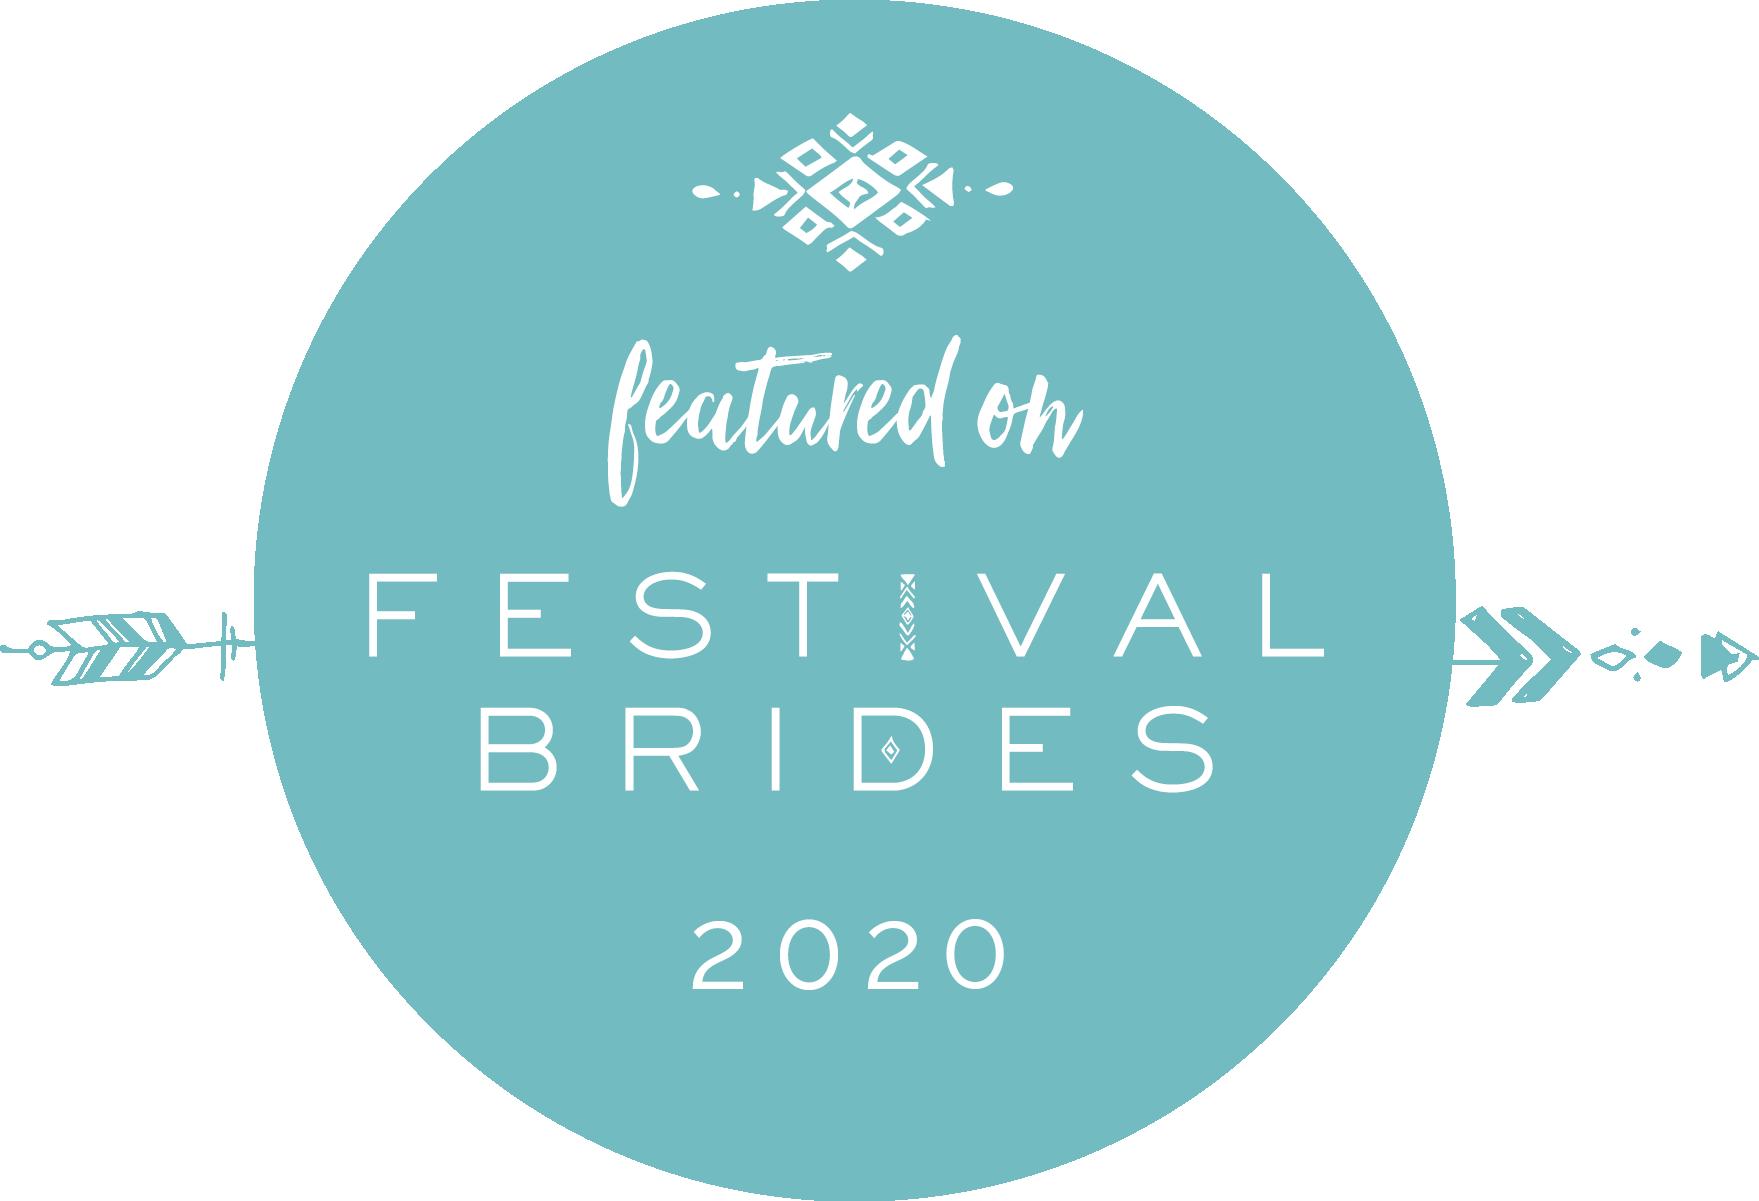 Festivalbride